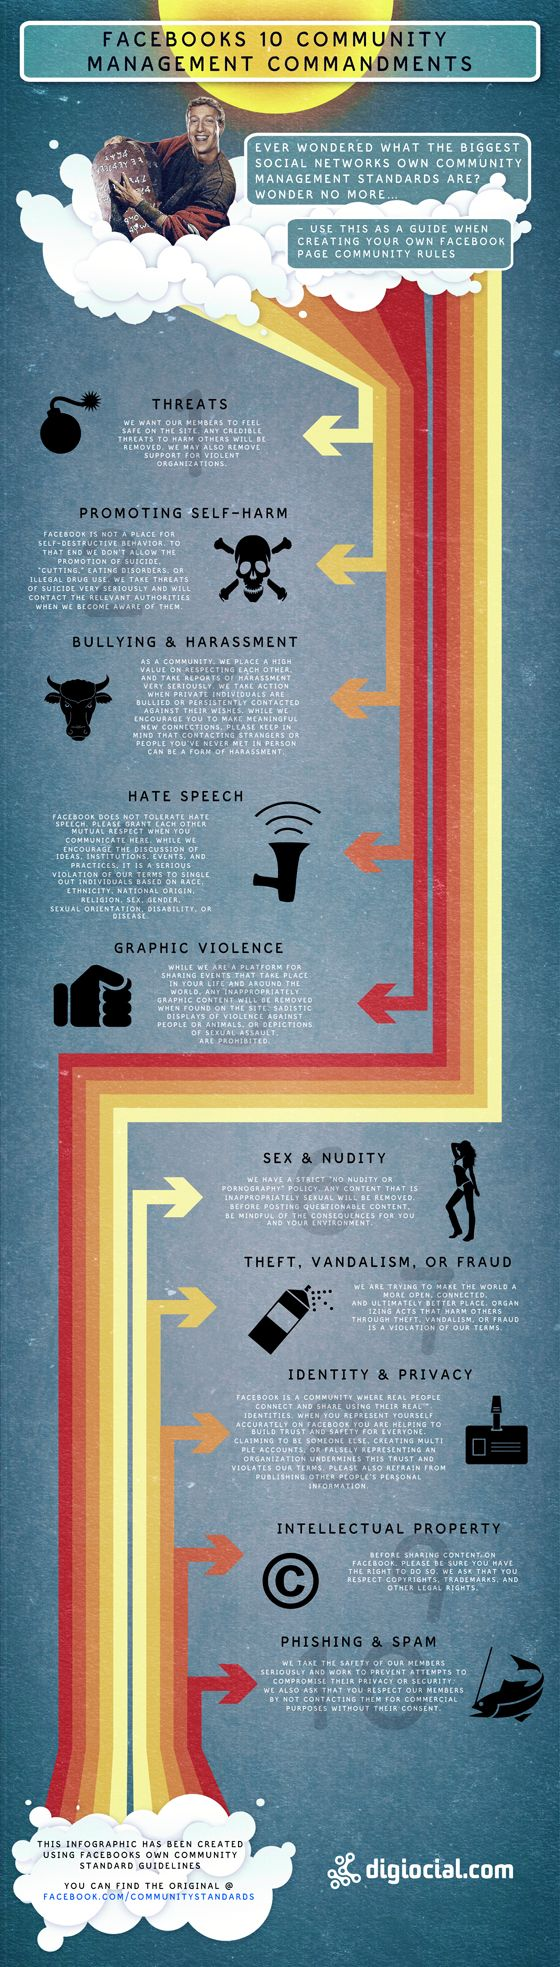 #Facebook's 10 #Community Management Commandments #Infographic